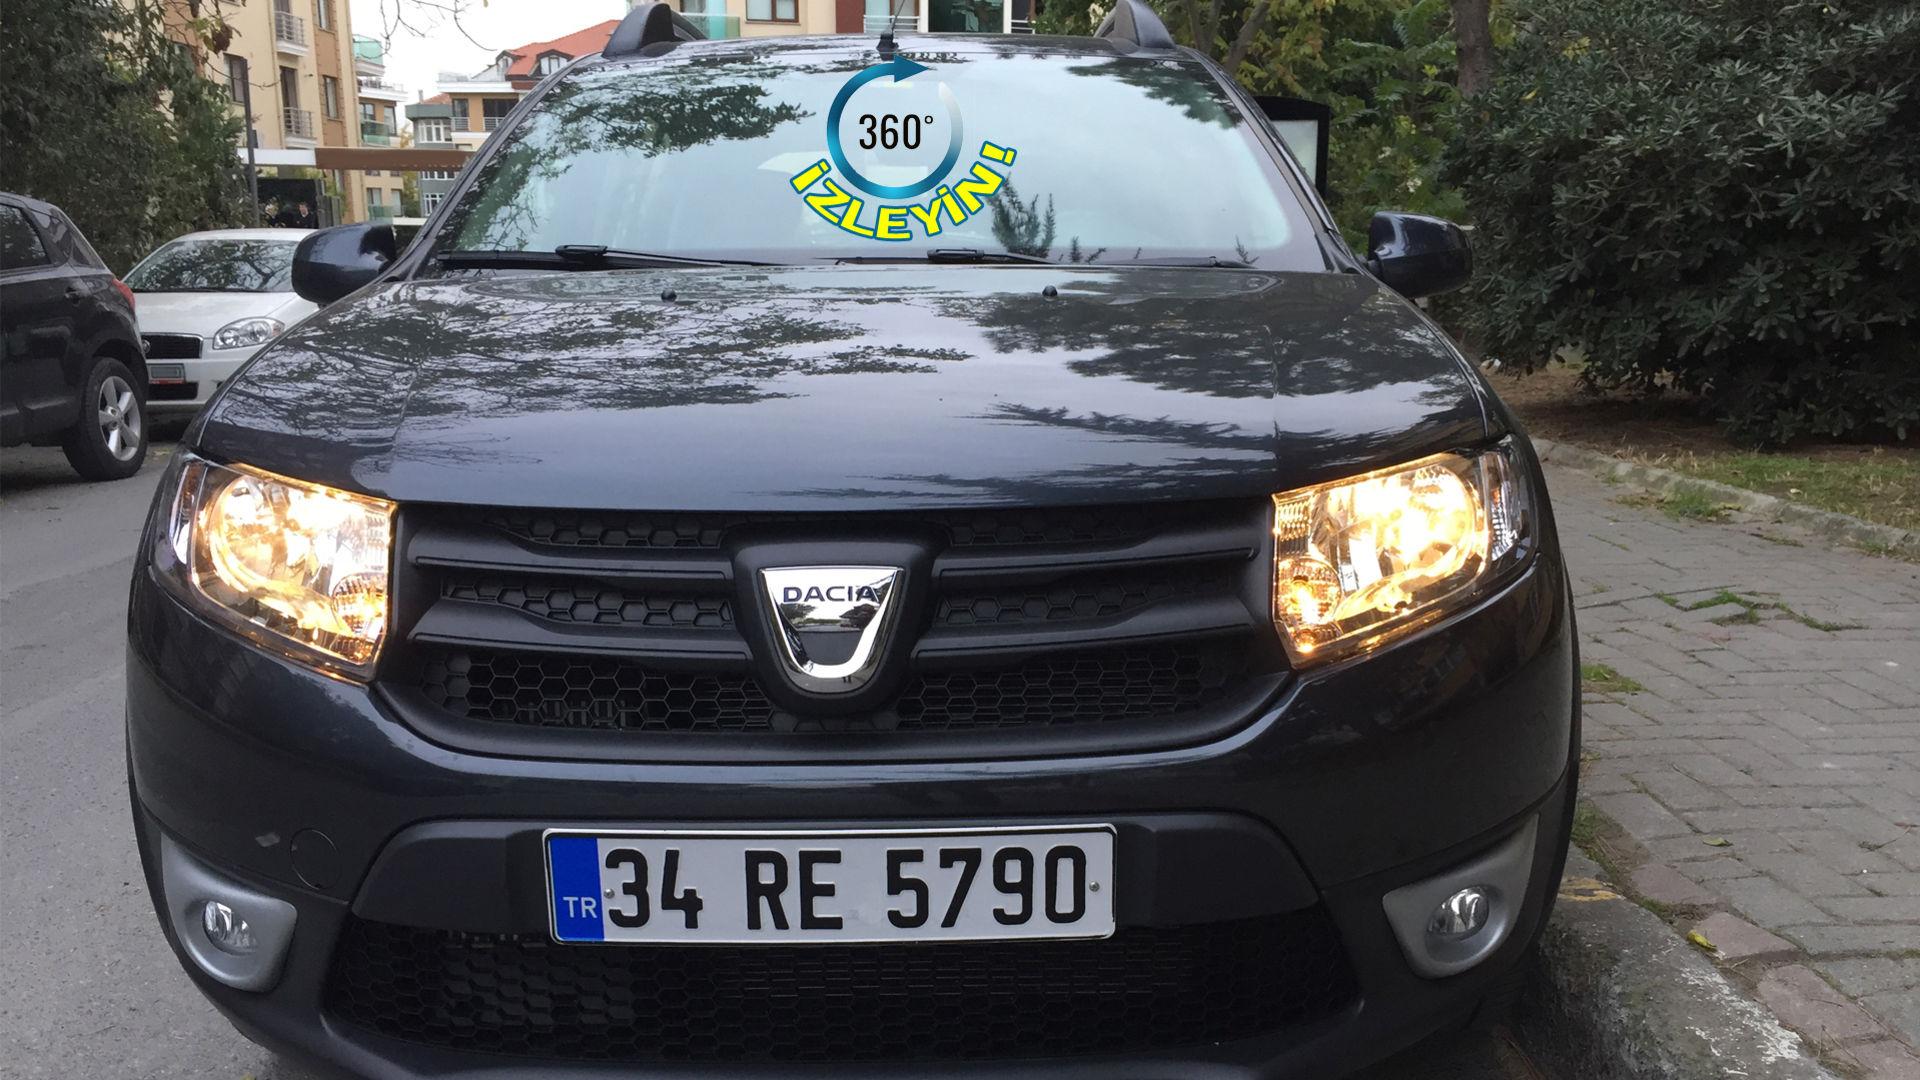 Dacia Sandero Stepway Easy R Otomatik Vitest Test Sürüşü Ve Izlenim